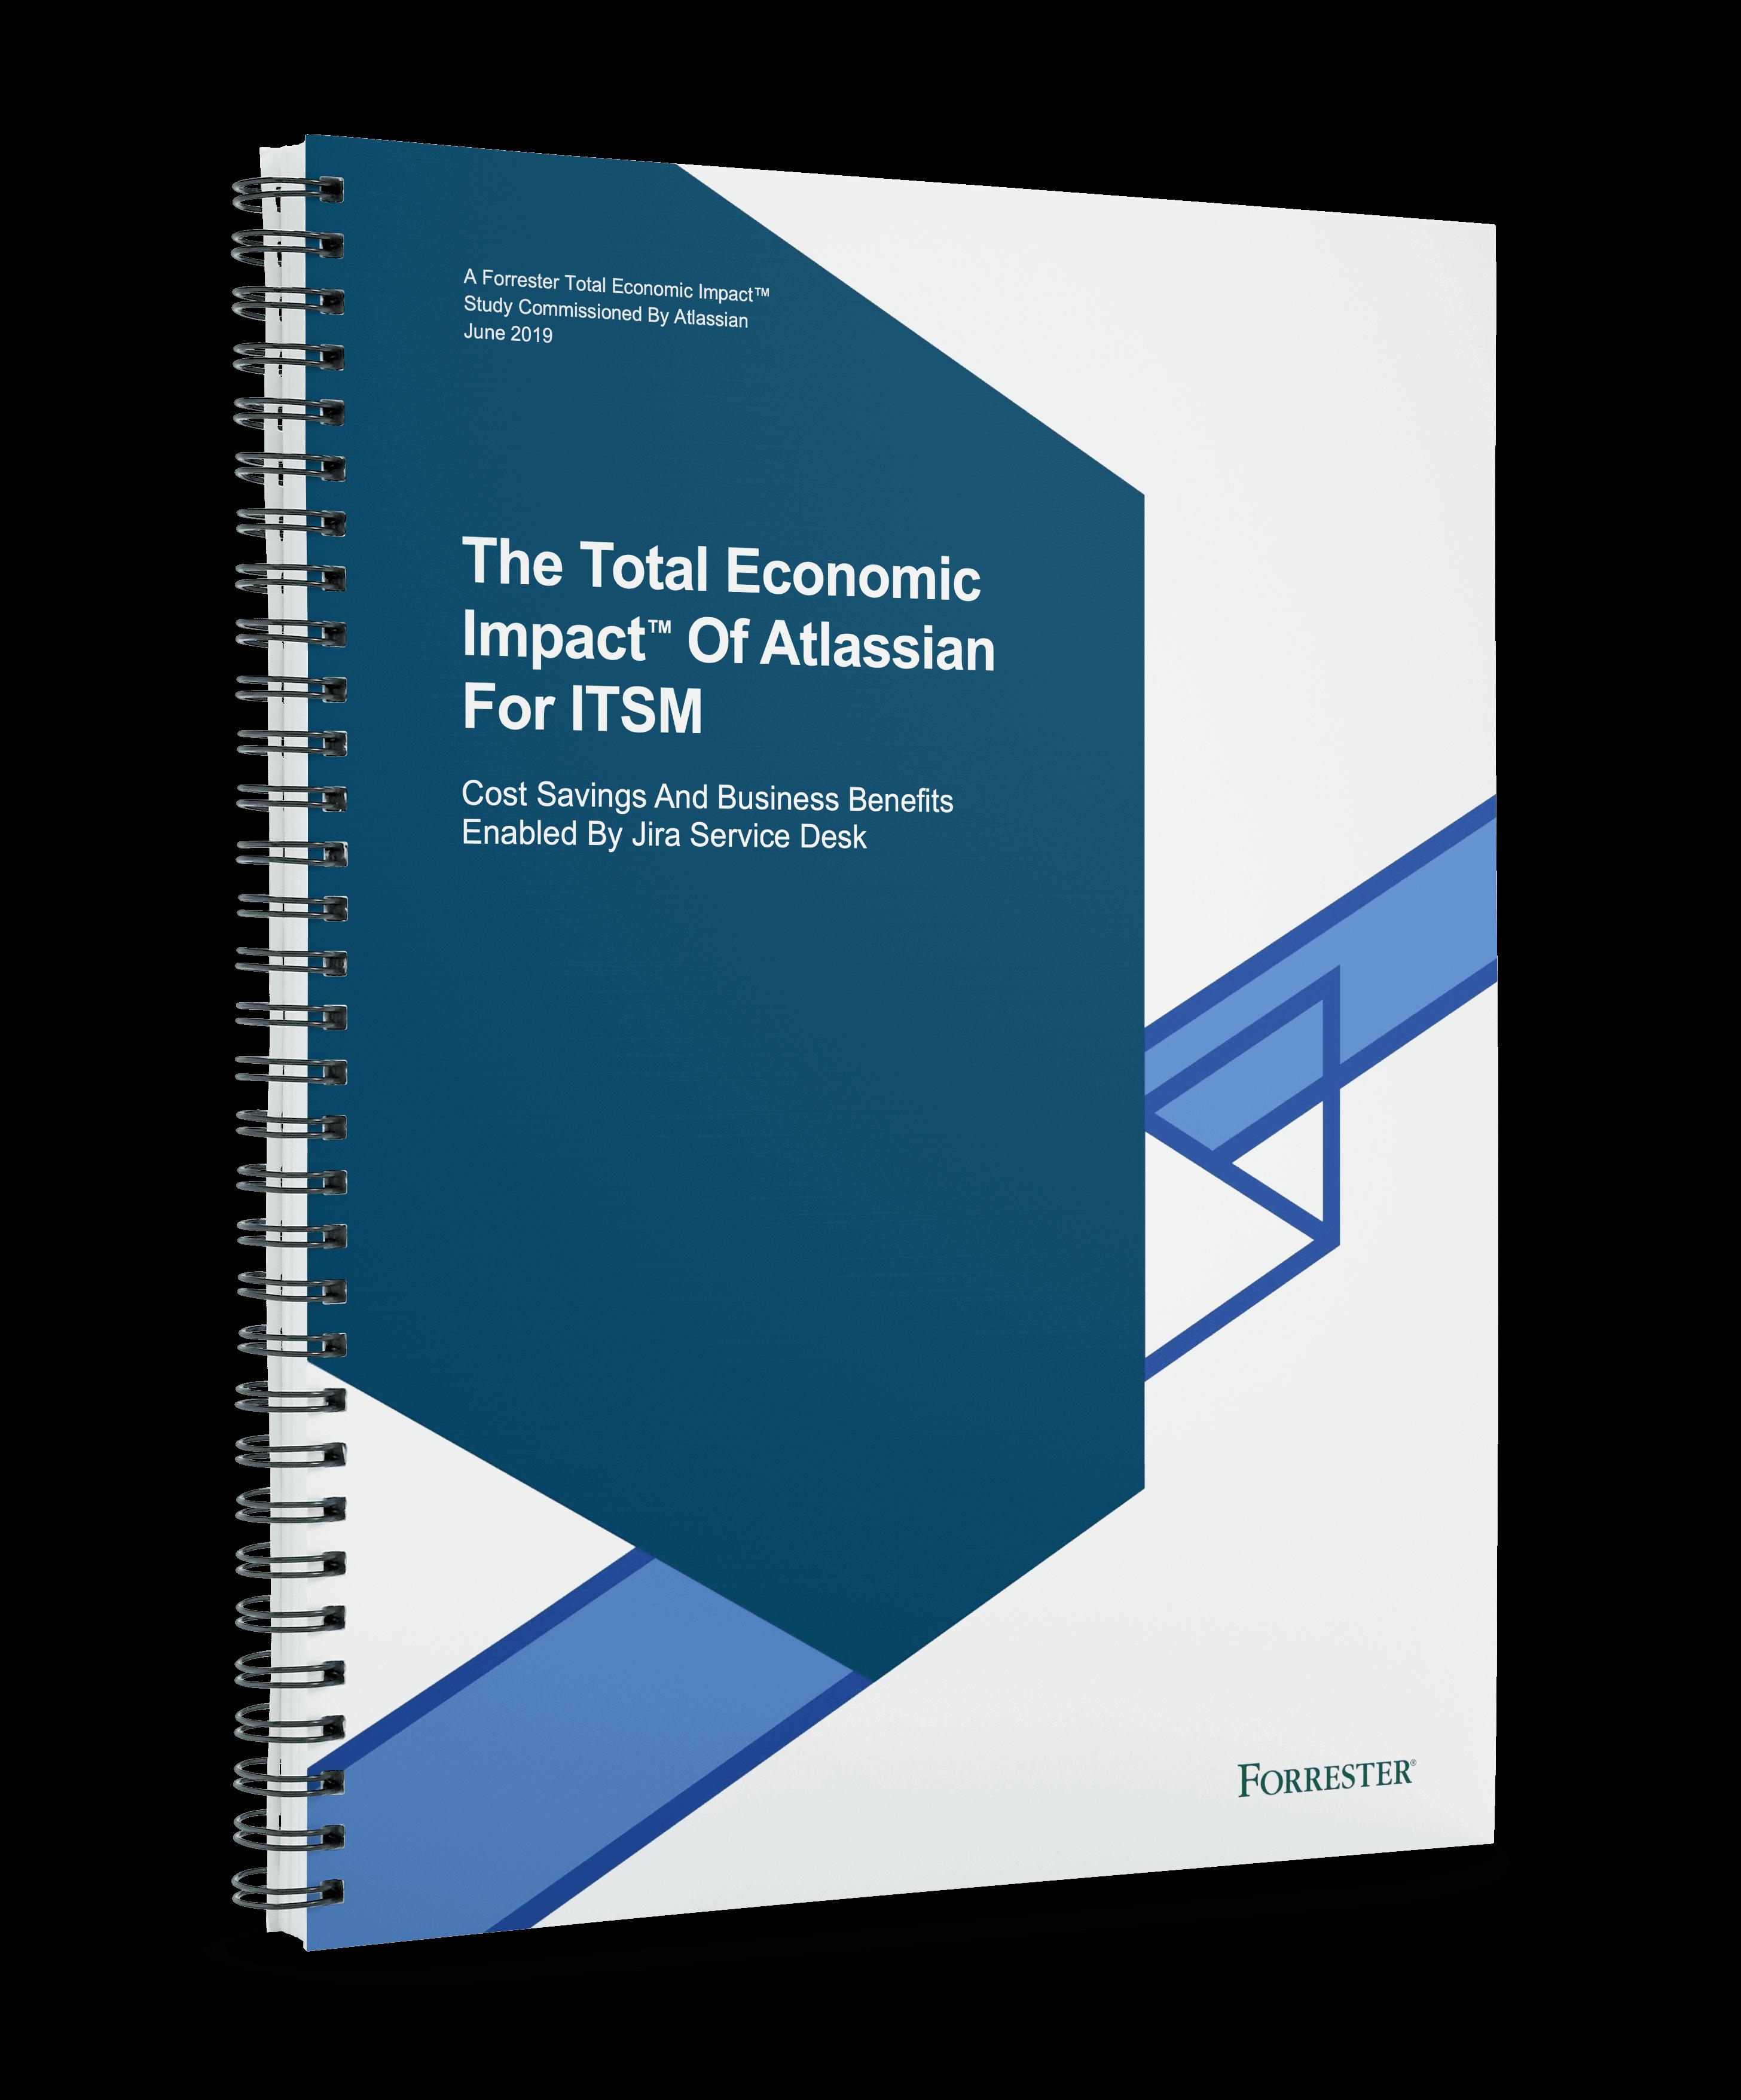 A Forrester Total Economic Impact™ elemzése az Atlassian ITSM-megoldásáról könyvborító